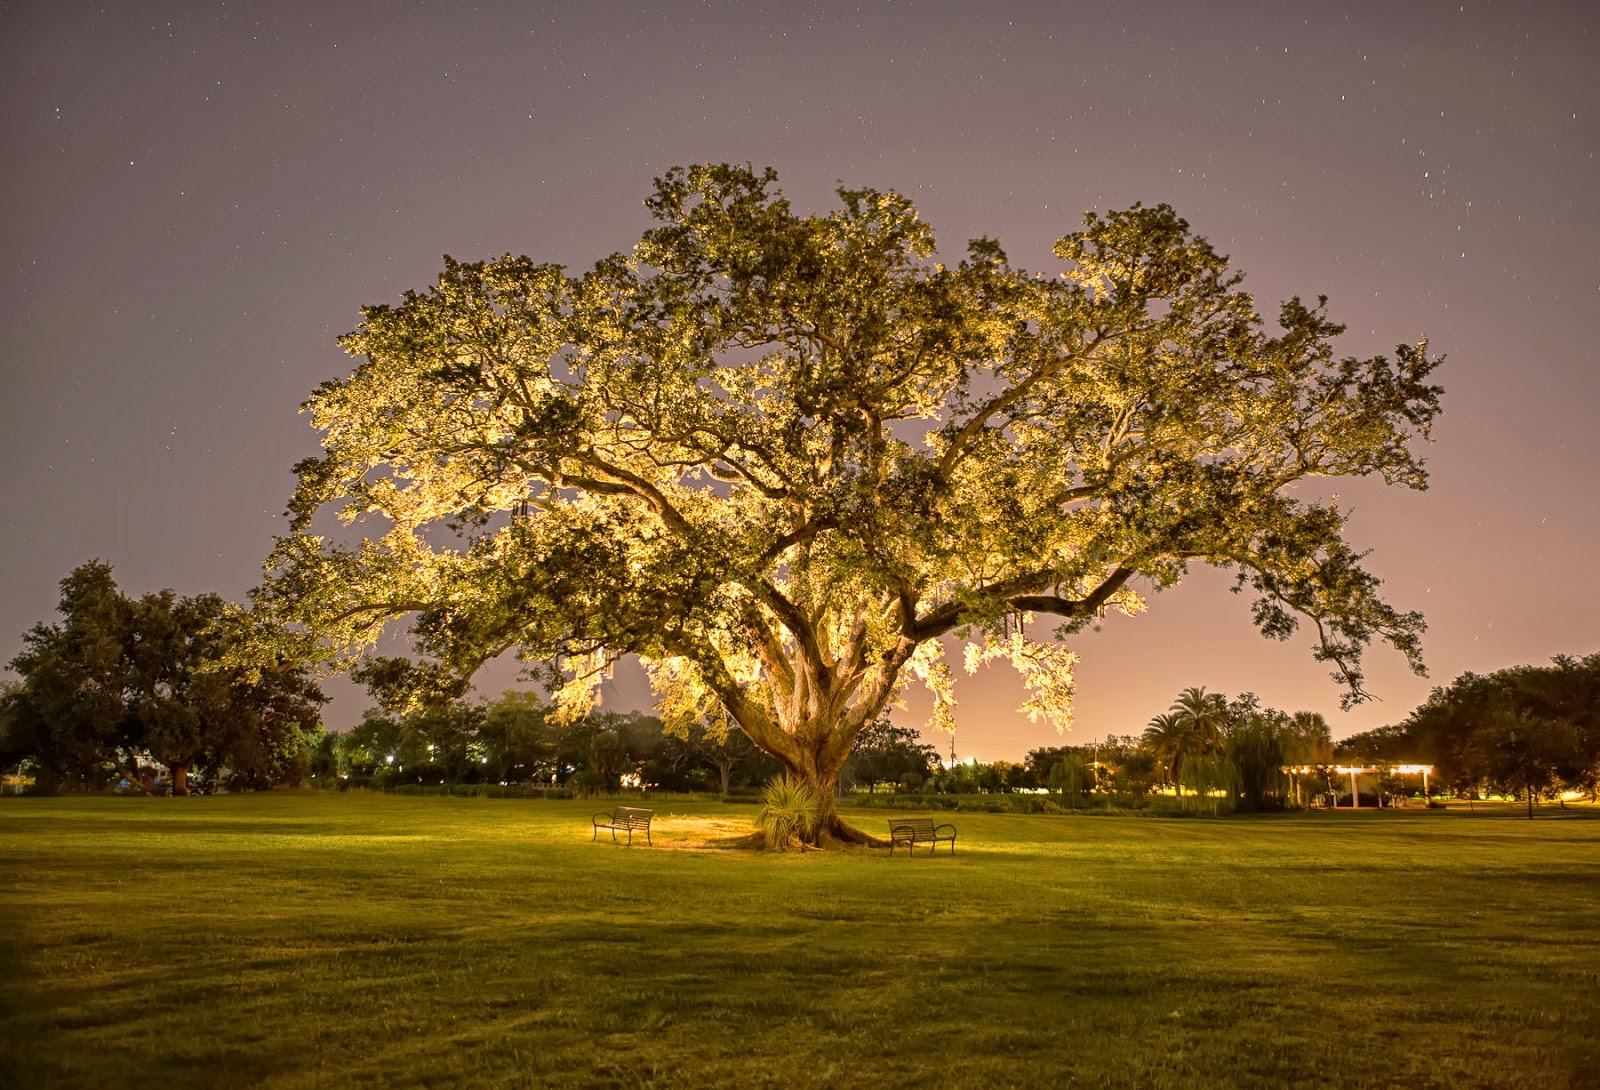 La importancia de tener árboles en las ciudades